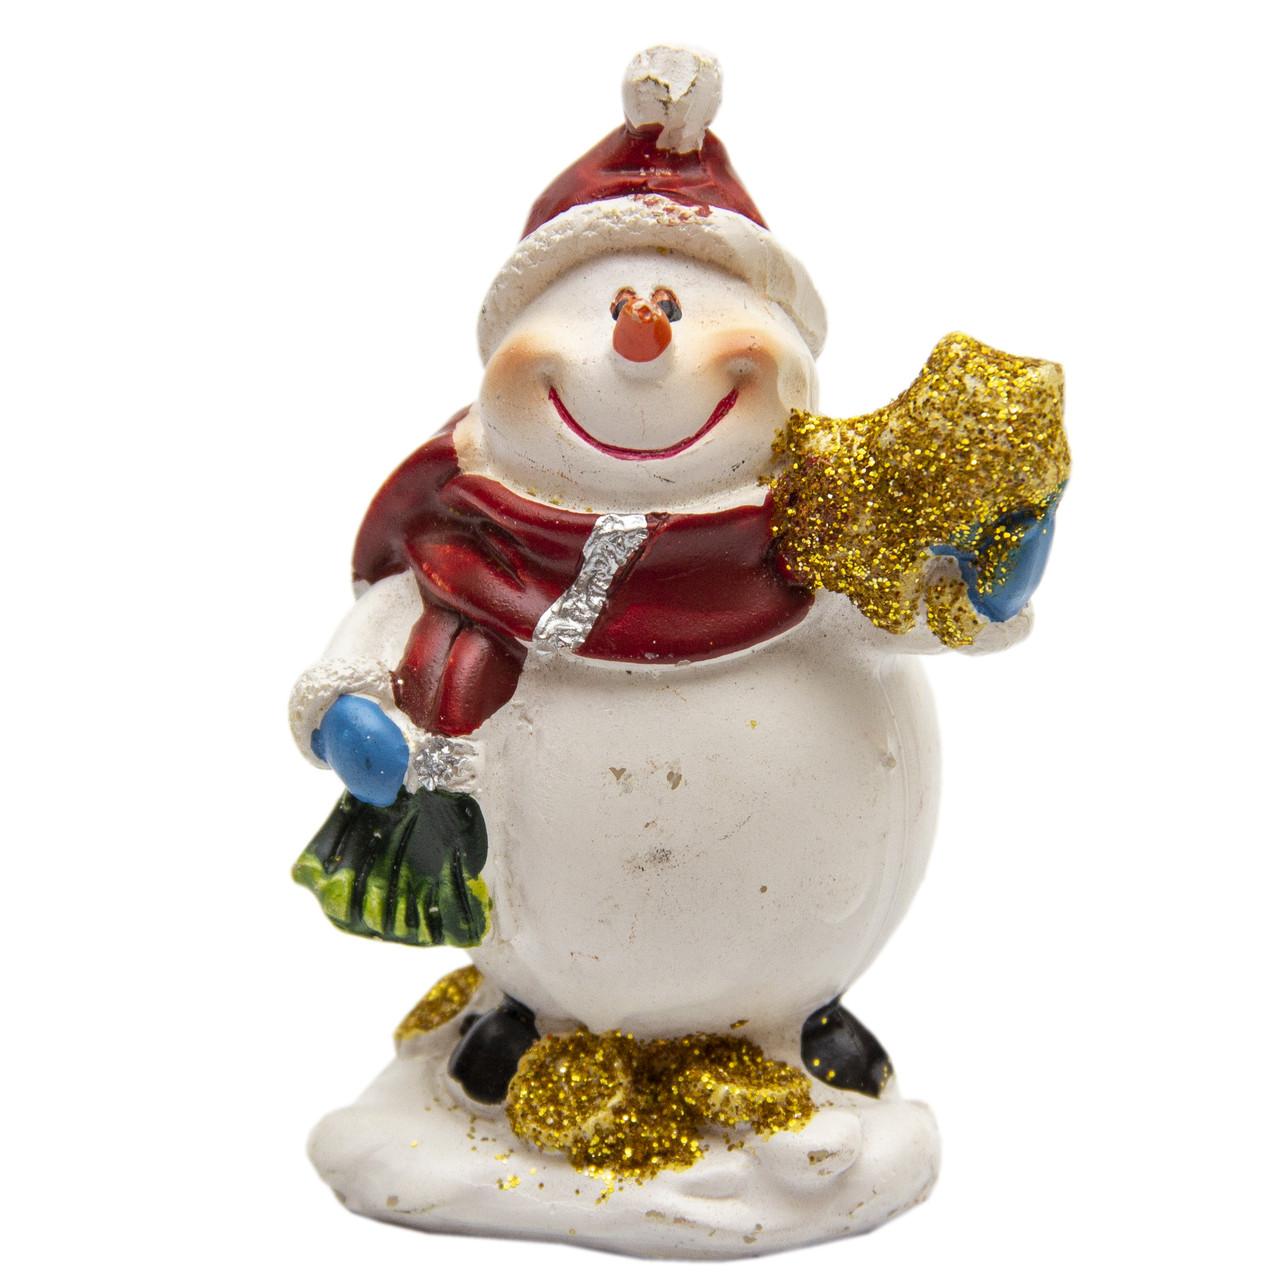 Фігурка сувенірна Сніговик з подарунком у лівій руці, 7 см (440504-1)